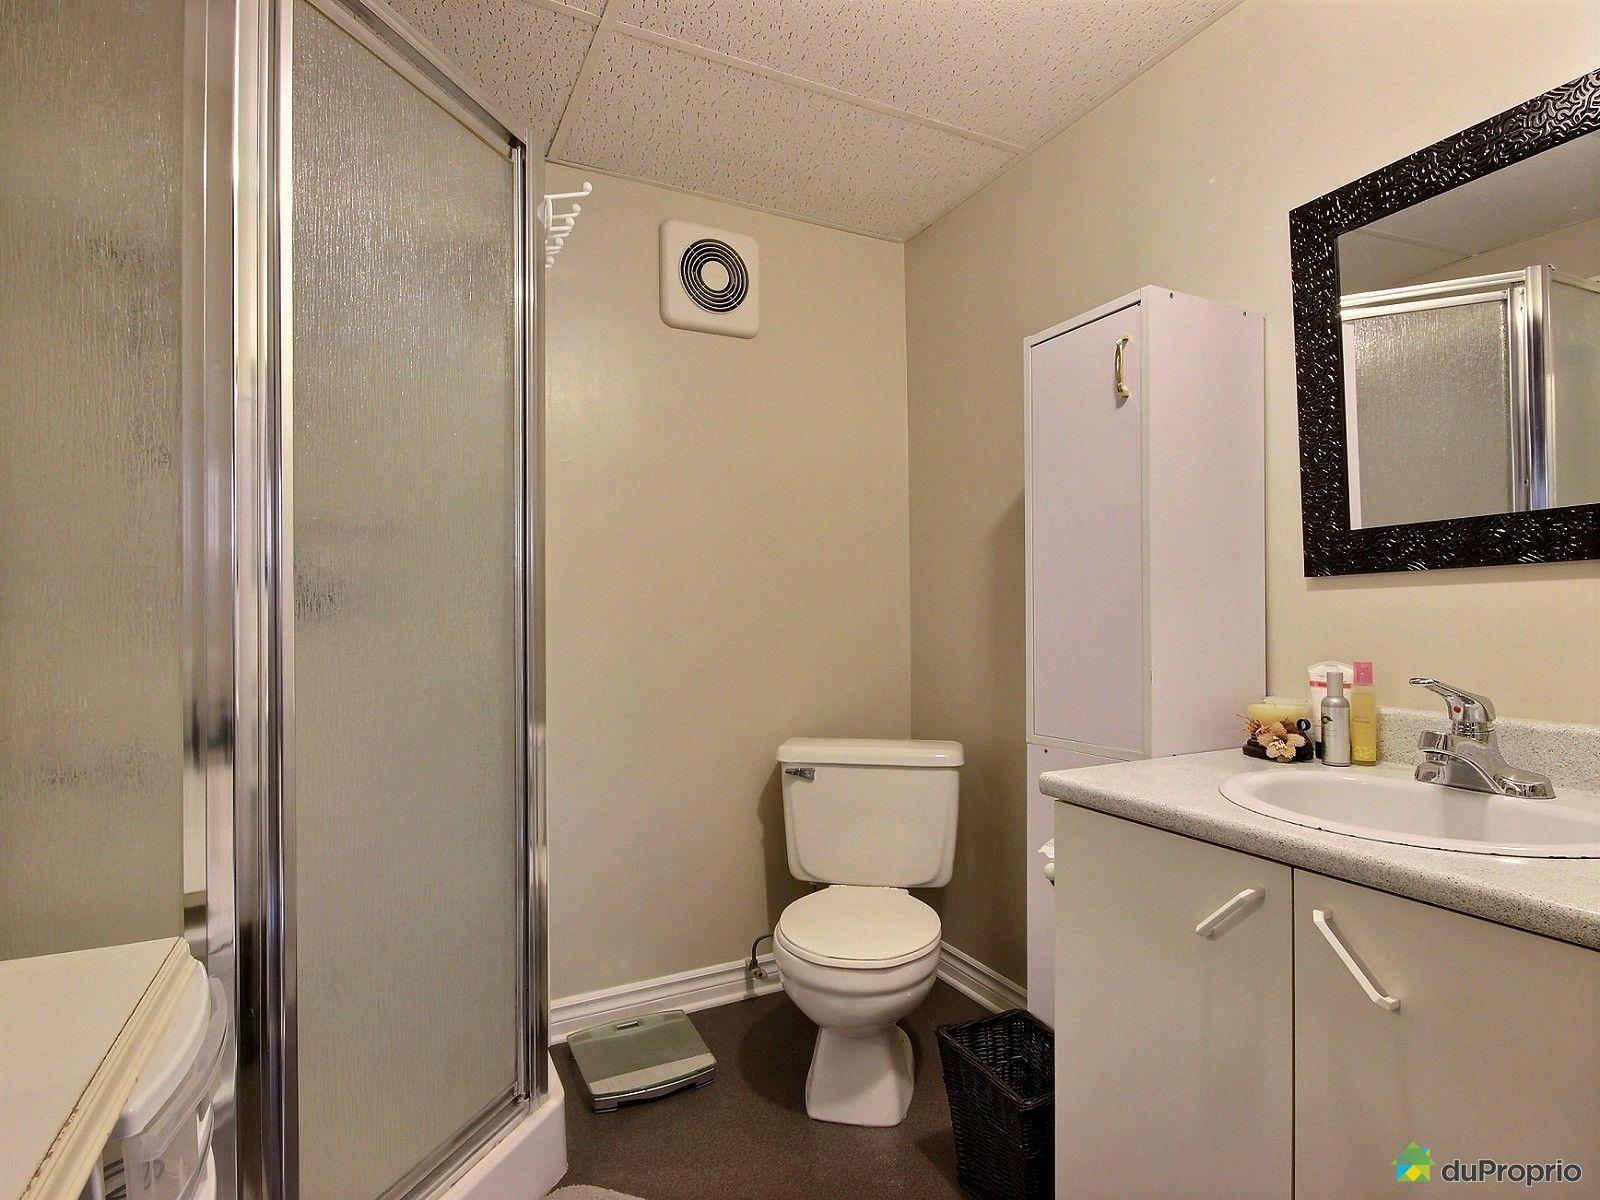 Maison vendre coteau du lac 276 chemin du fleuve for Prix salle de bain sous sol